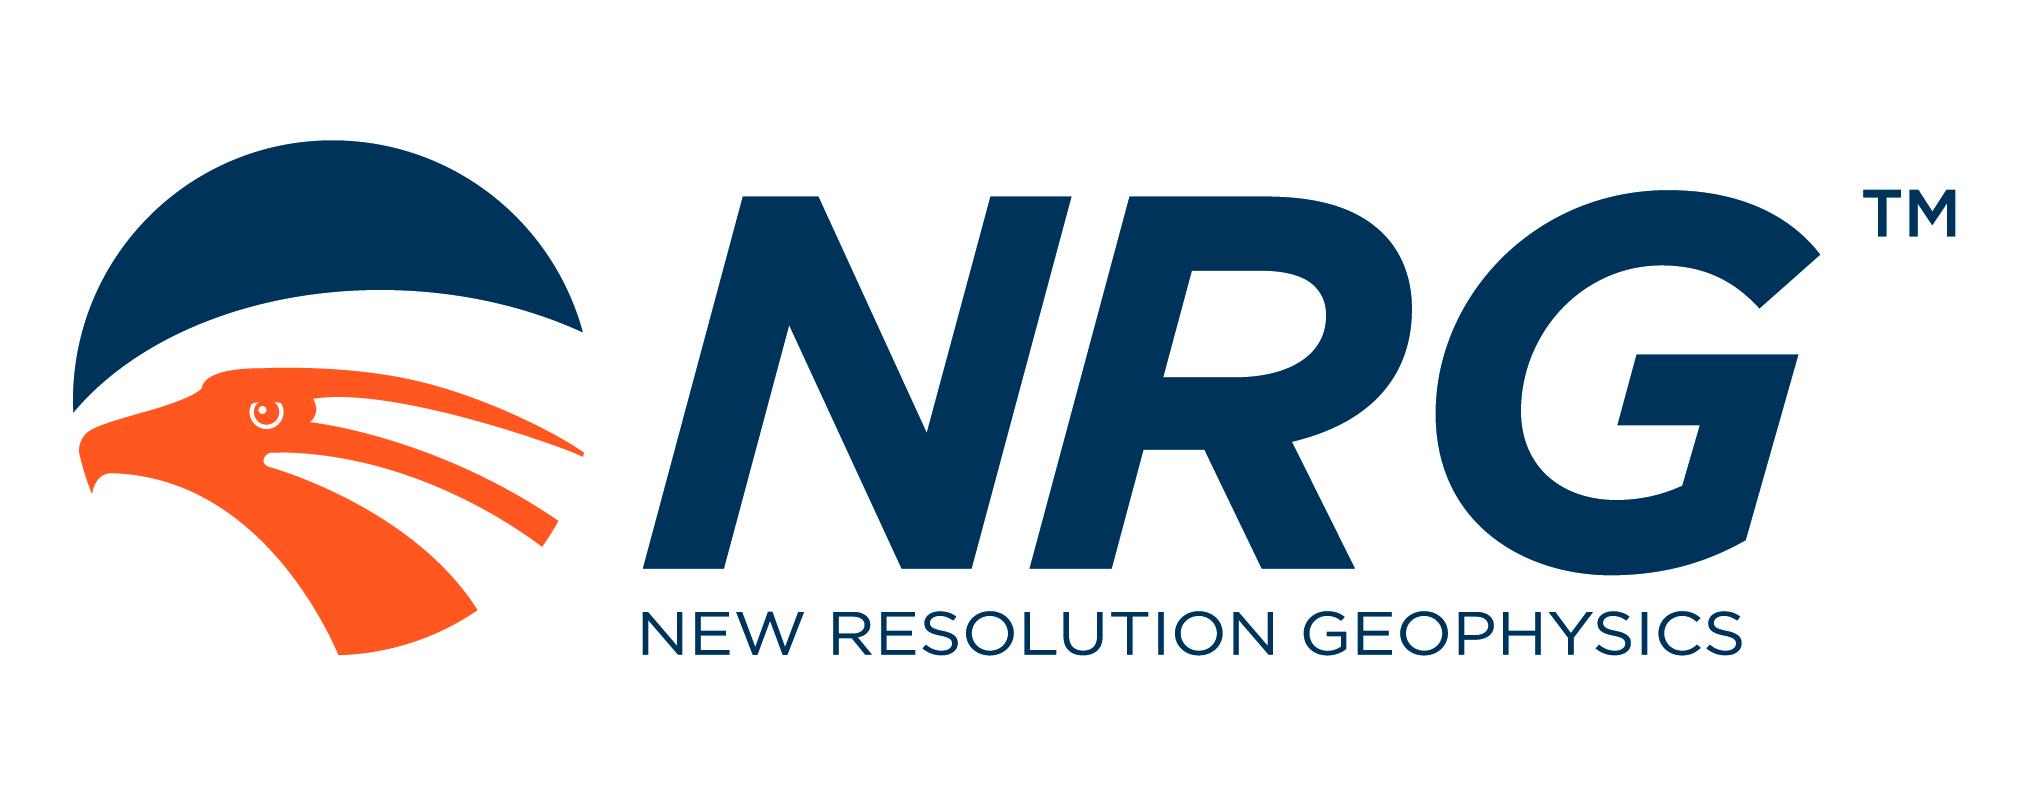 NRG Exploration CC